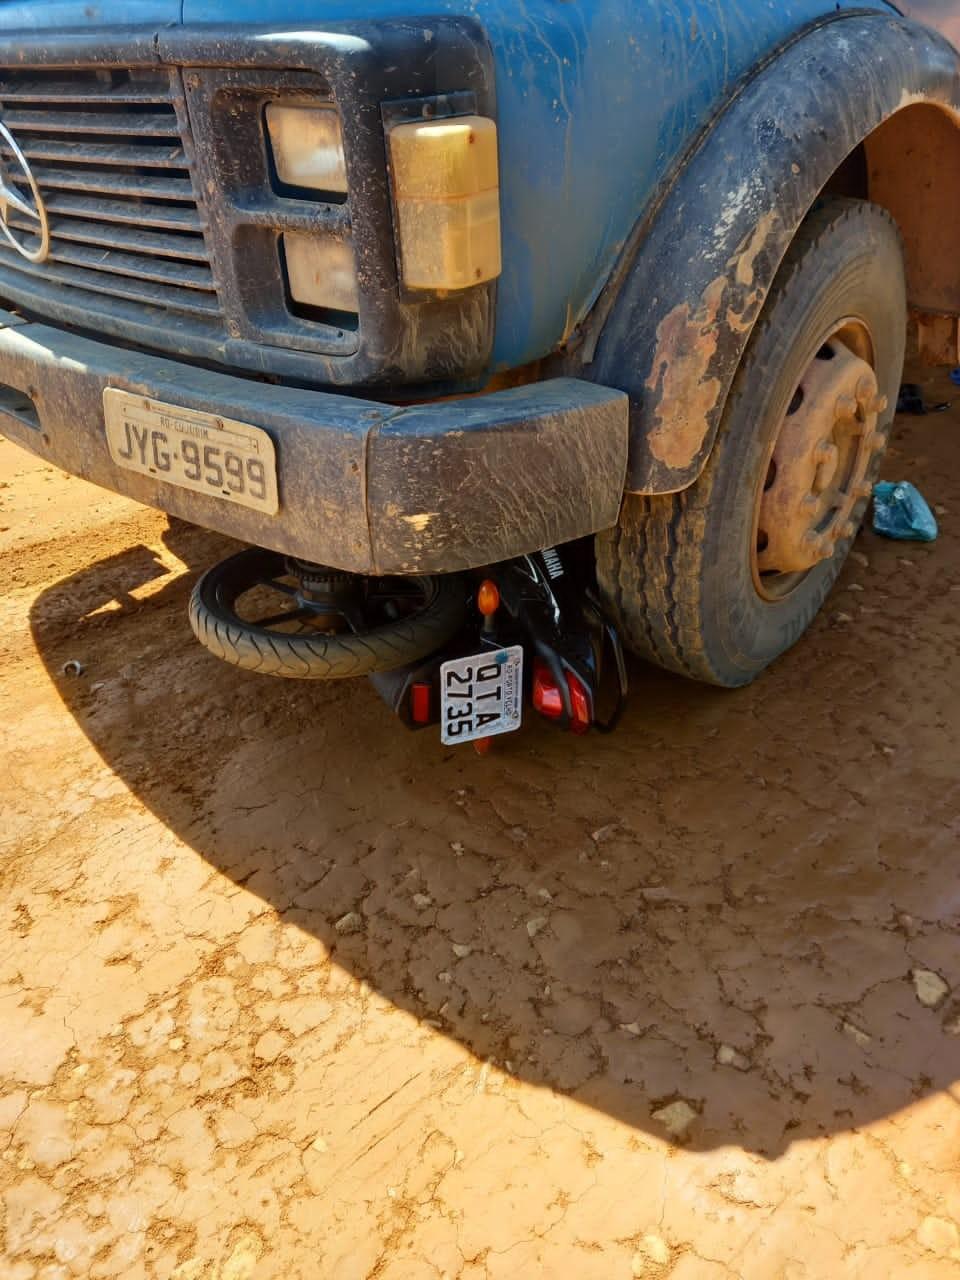 Motociclista morre ao bater de frente com caminhão e ser prensado por rodas em Cujubim, RO